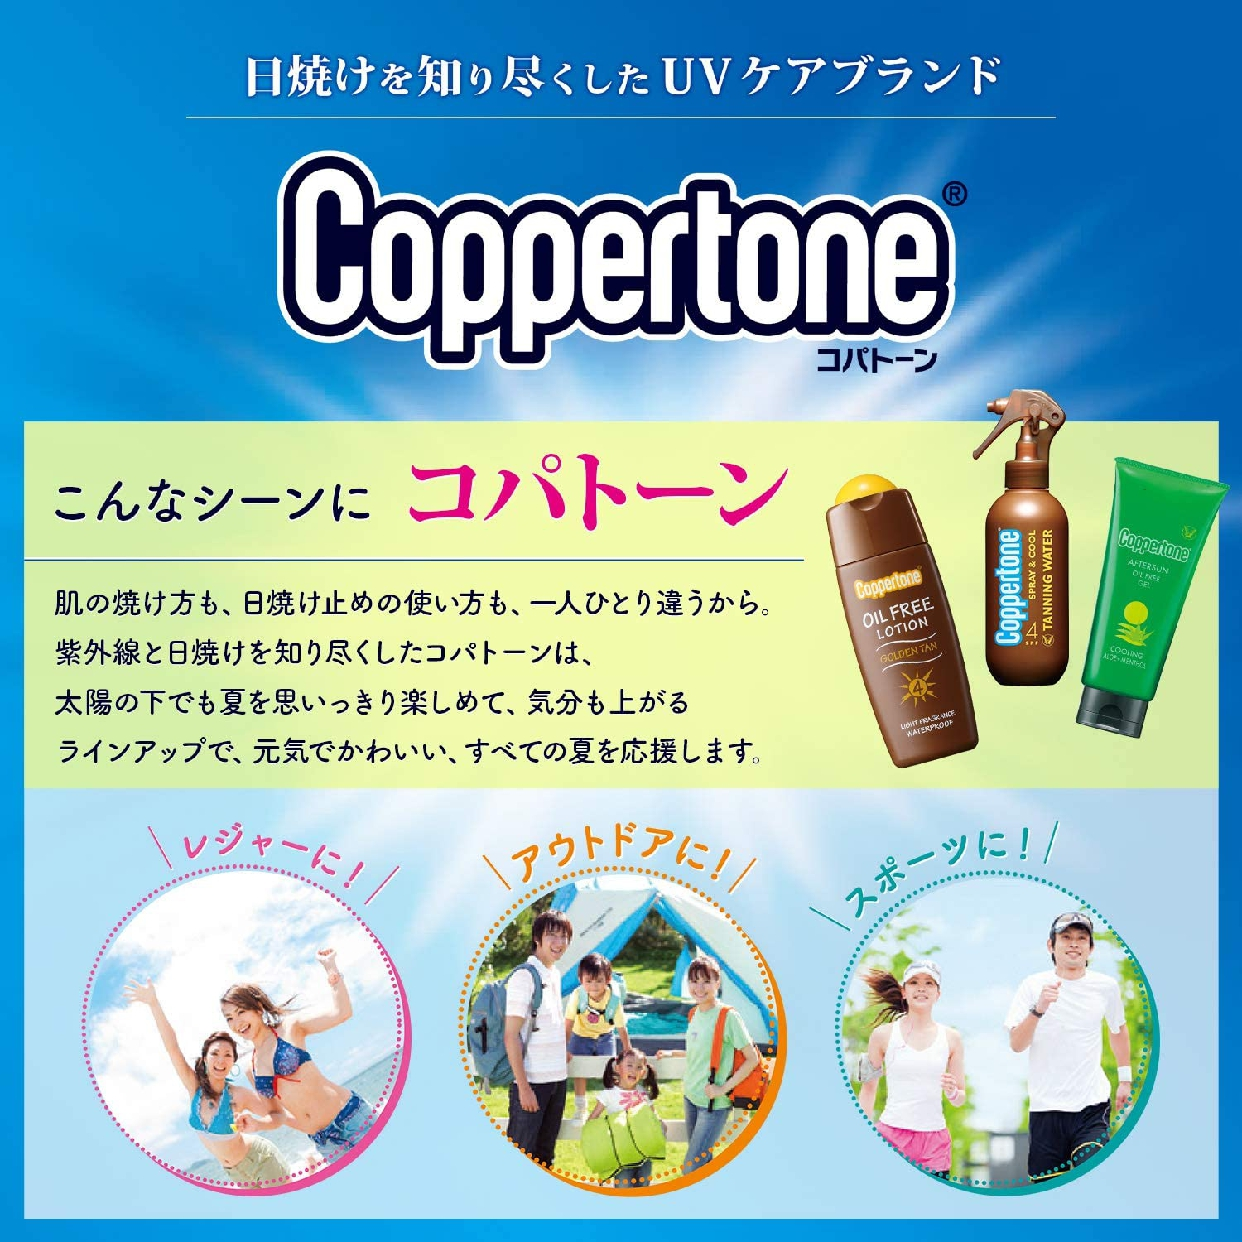 Coppertone(コパトーン) コパトーン トロピカル サンドフリー ハワイの商品画像